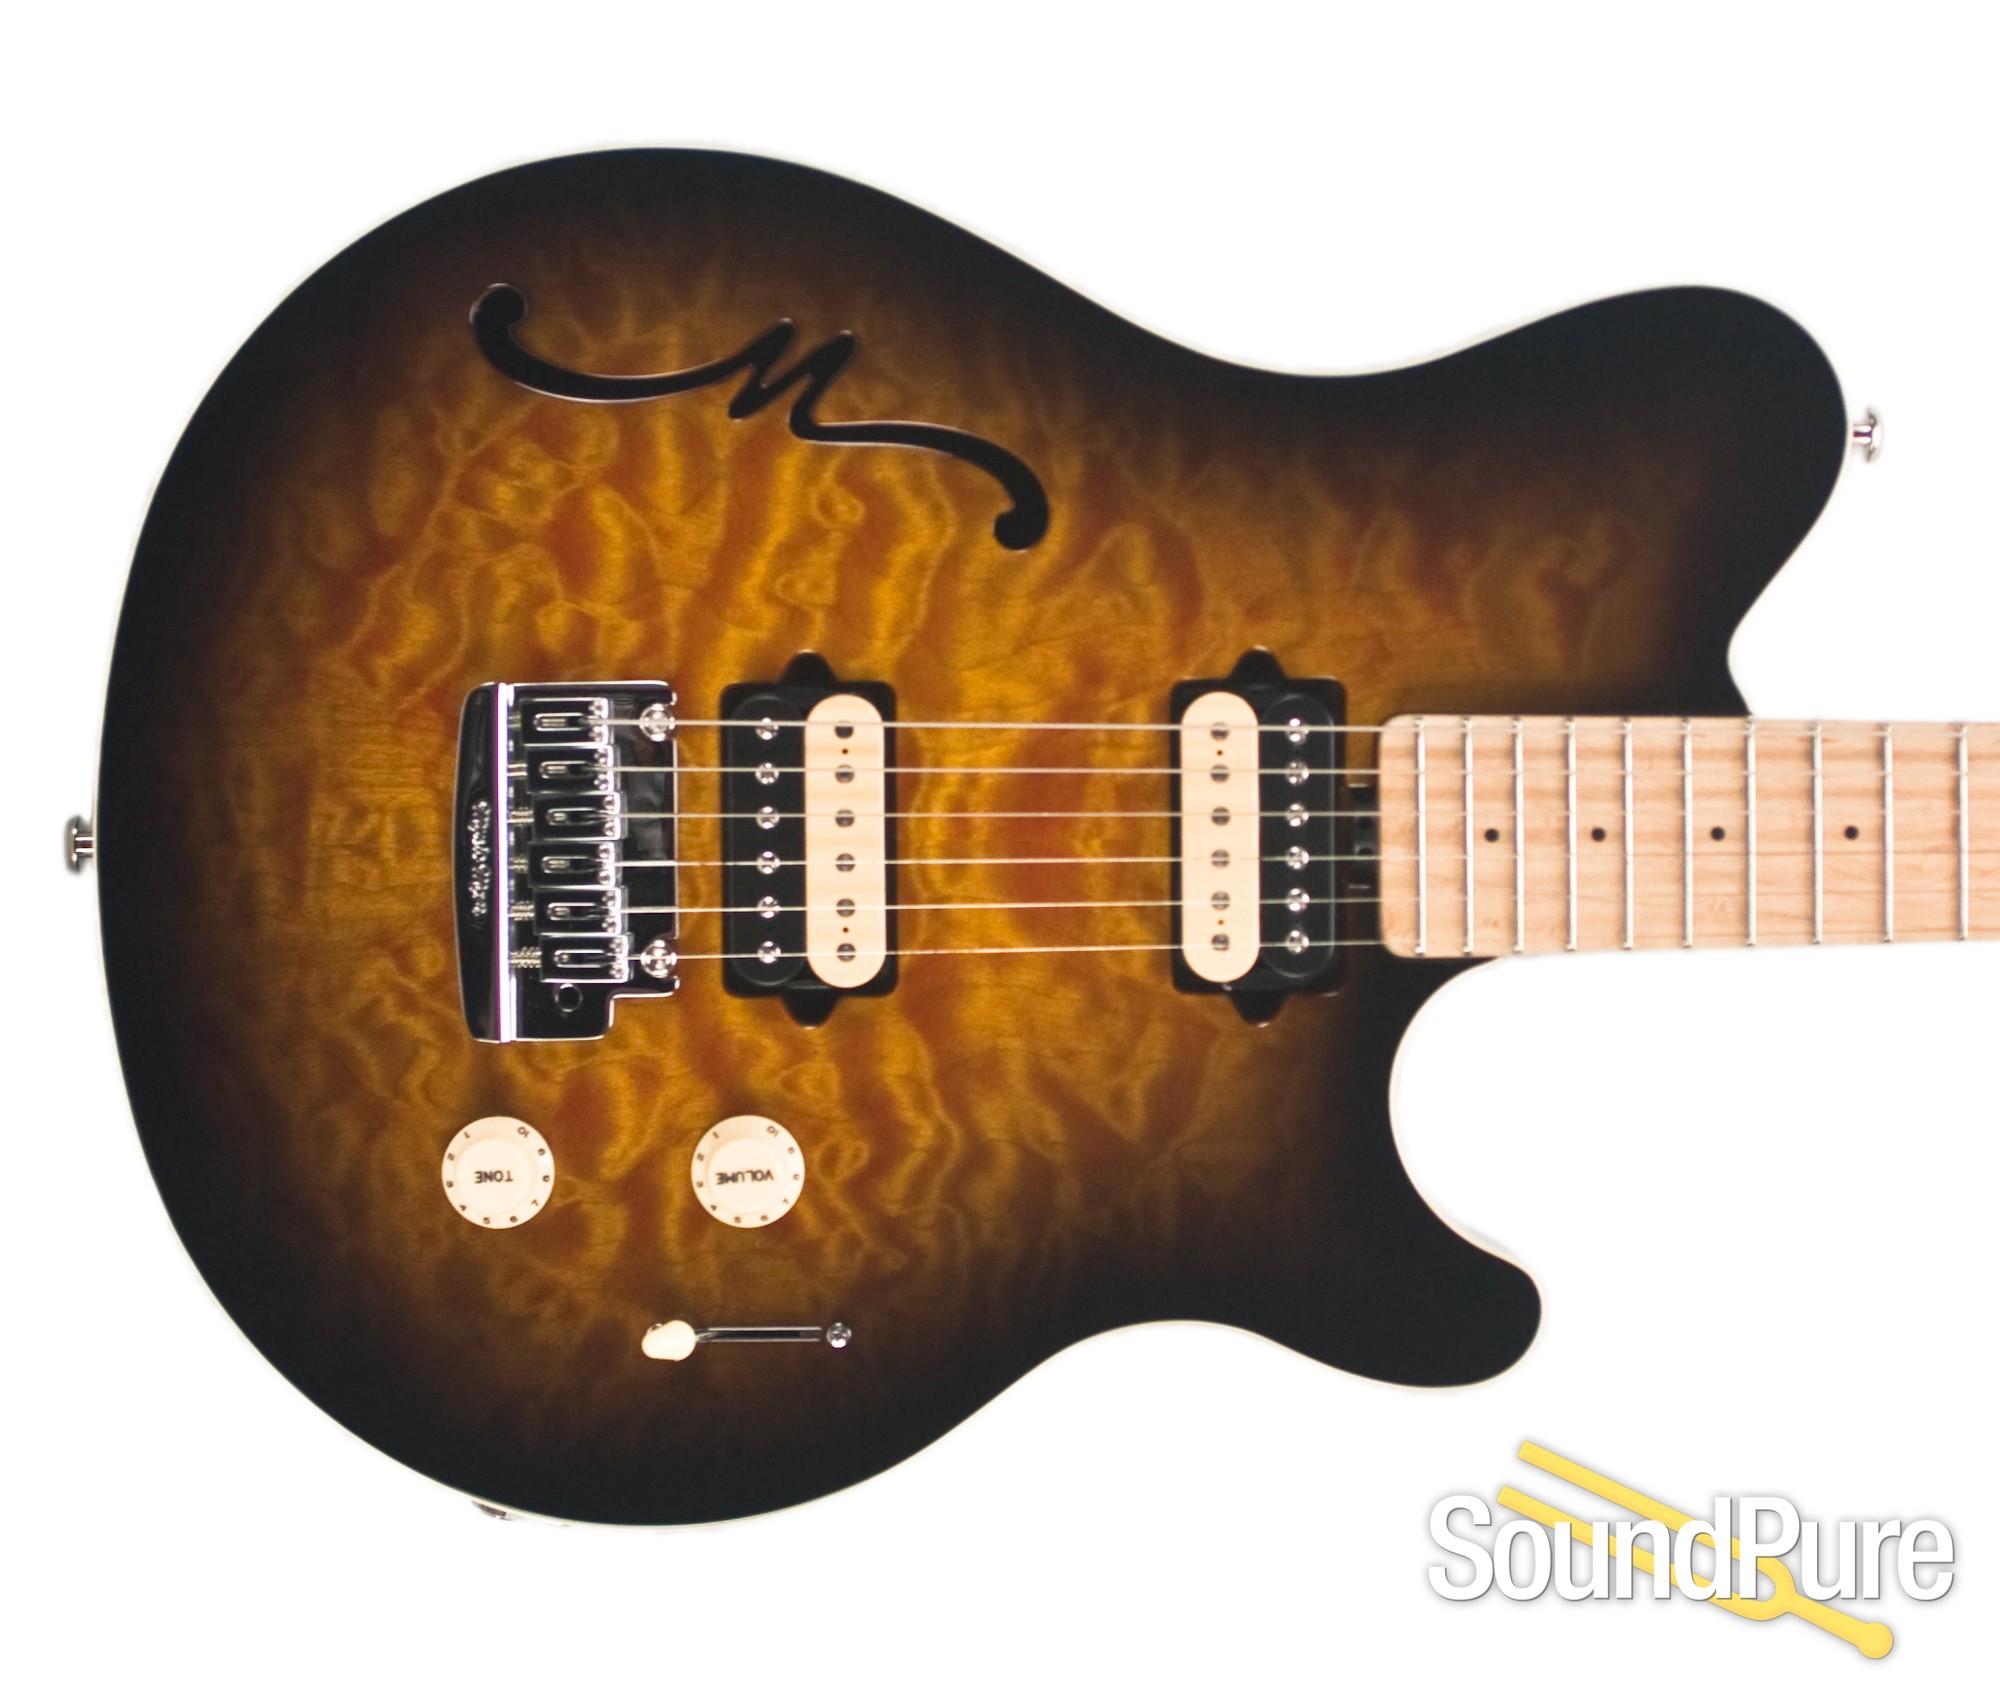 Ernie Ball Music Man Axis Super Sport Semi Hollow Guitar